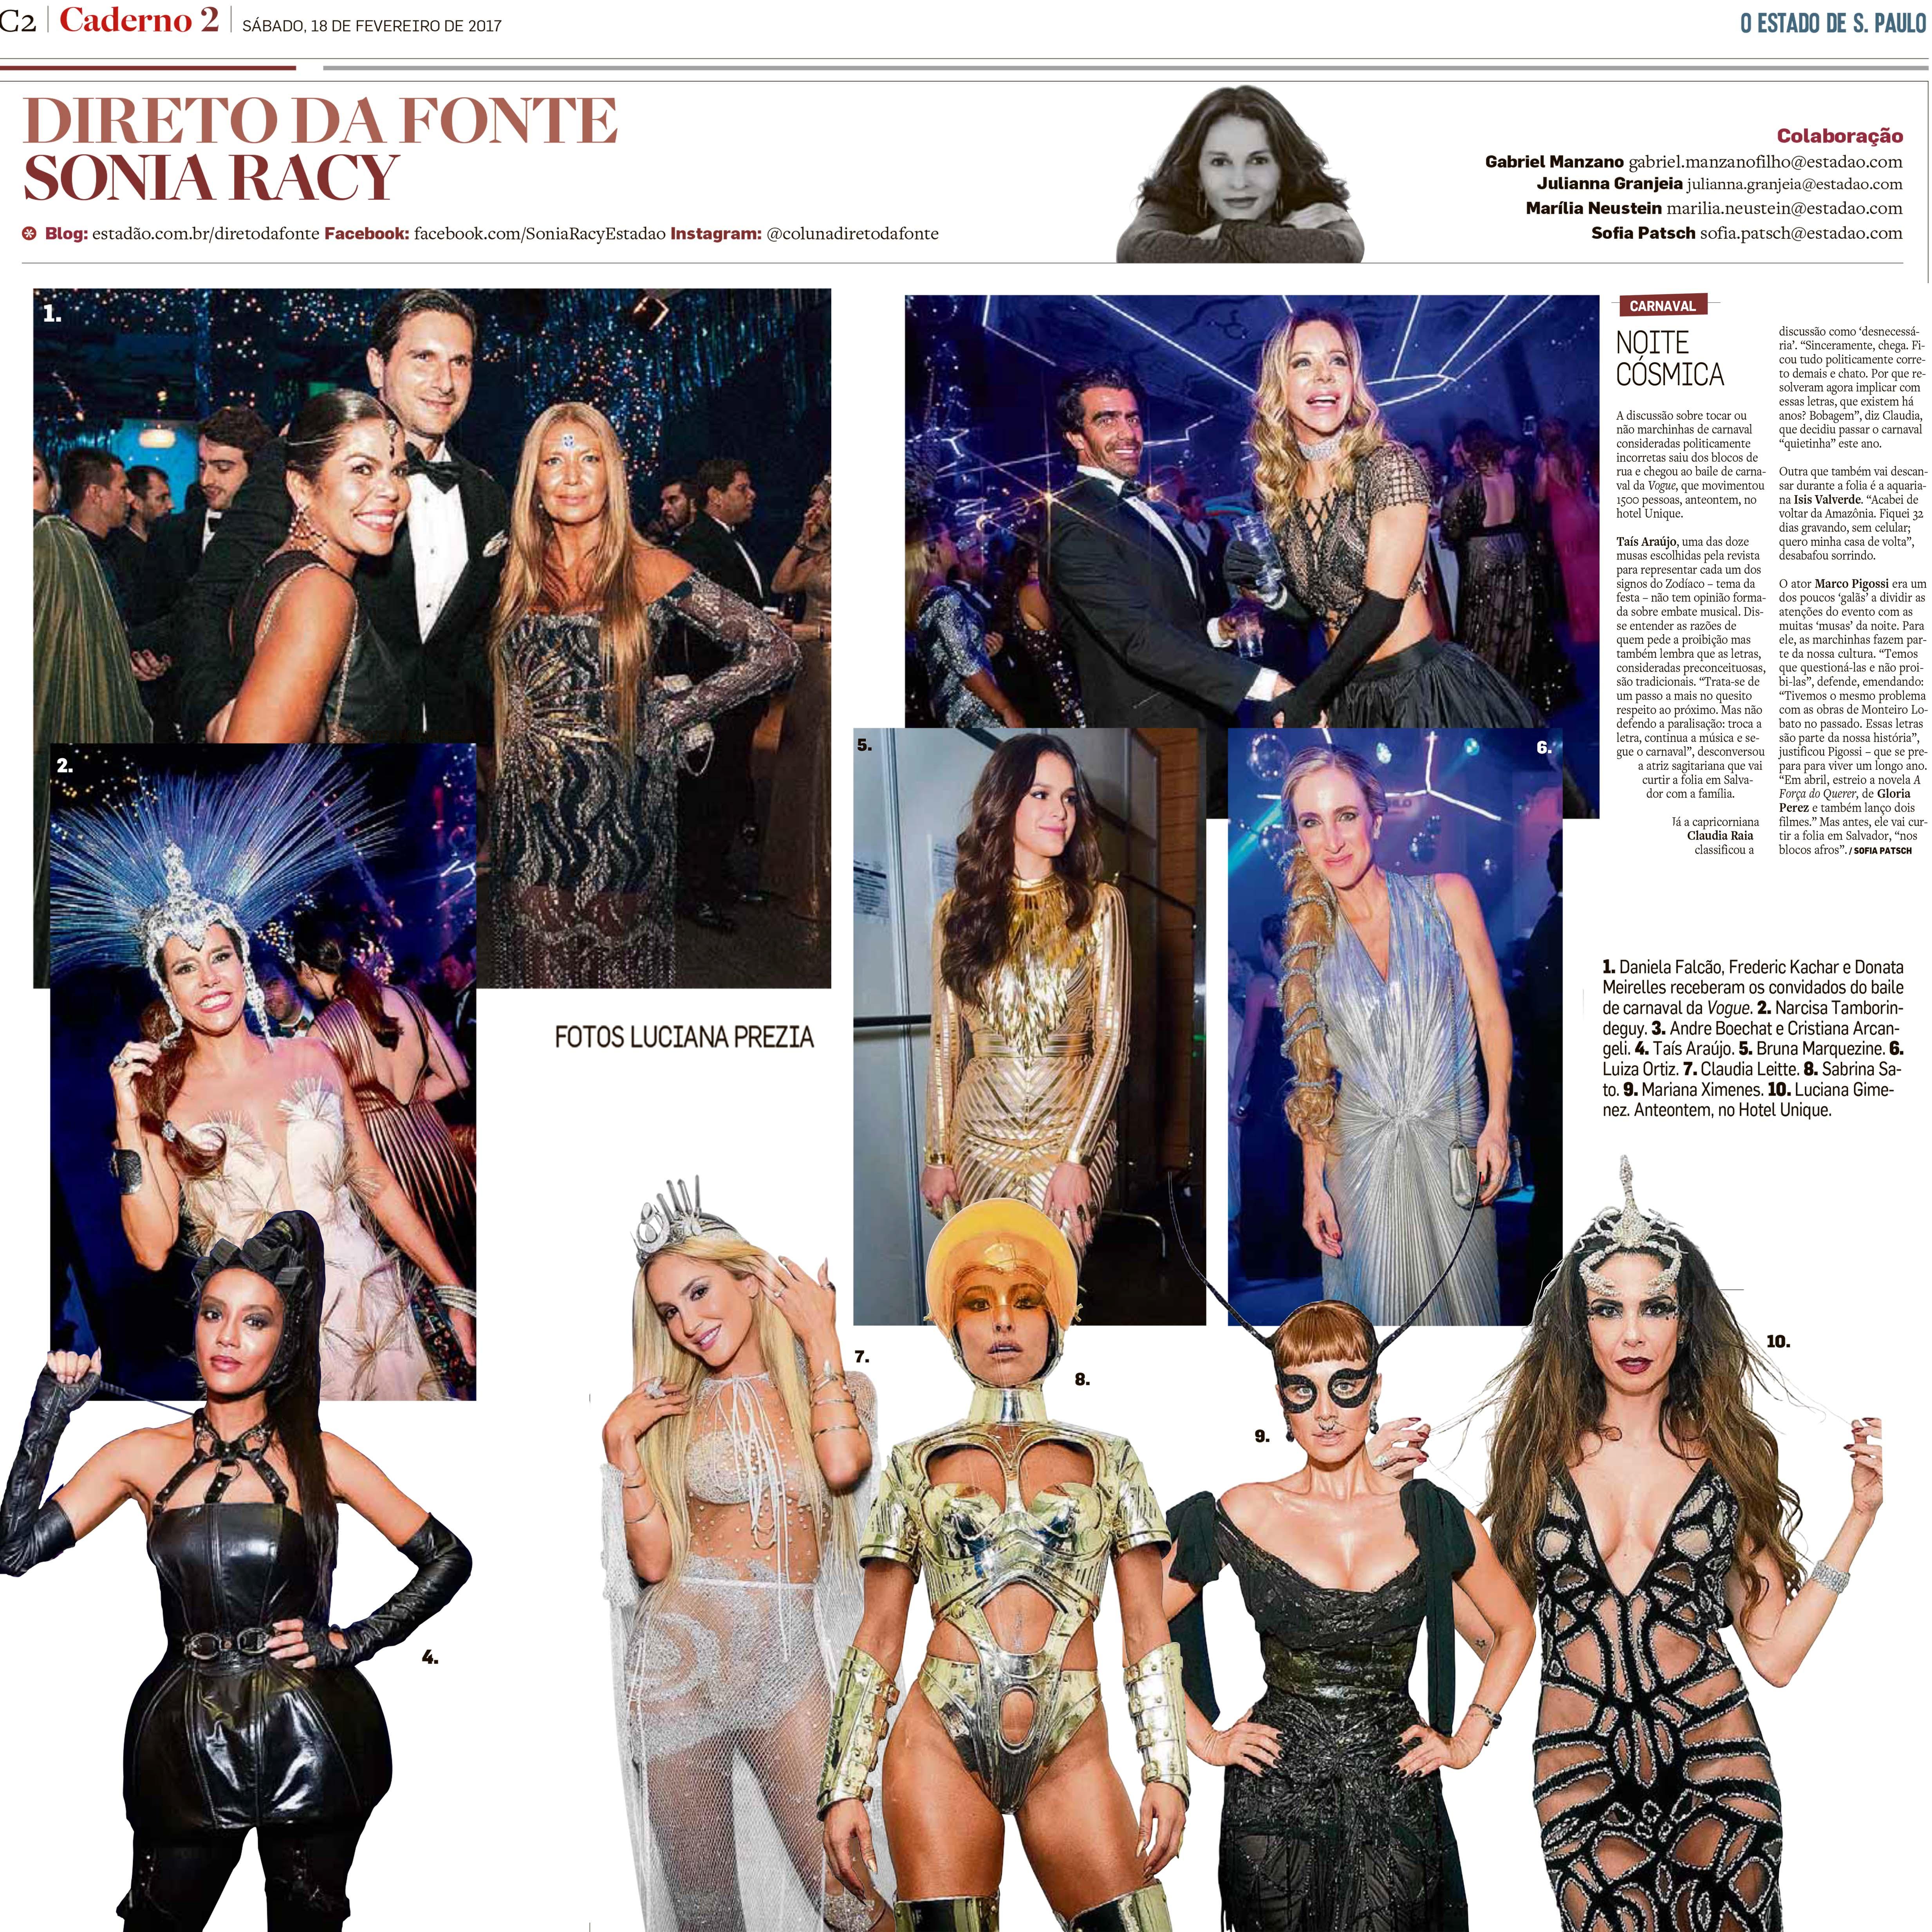 Insta Vogue Diretodafonte